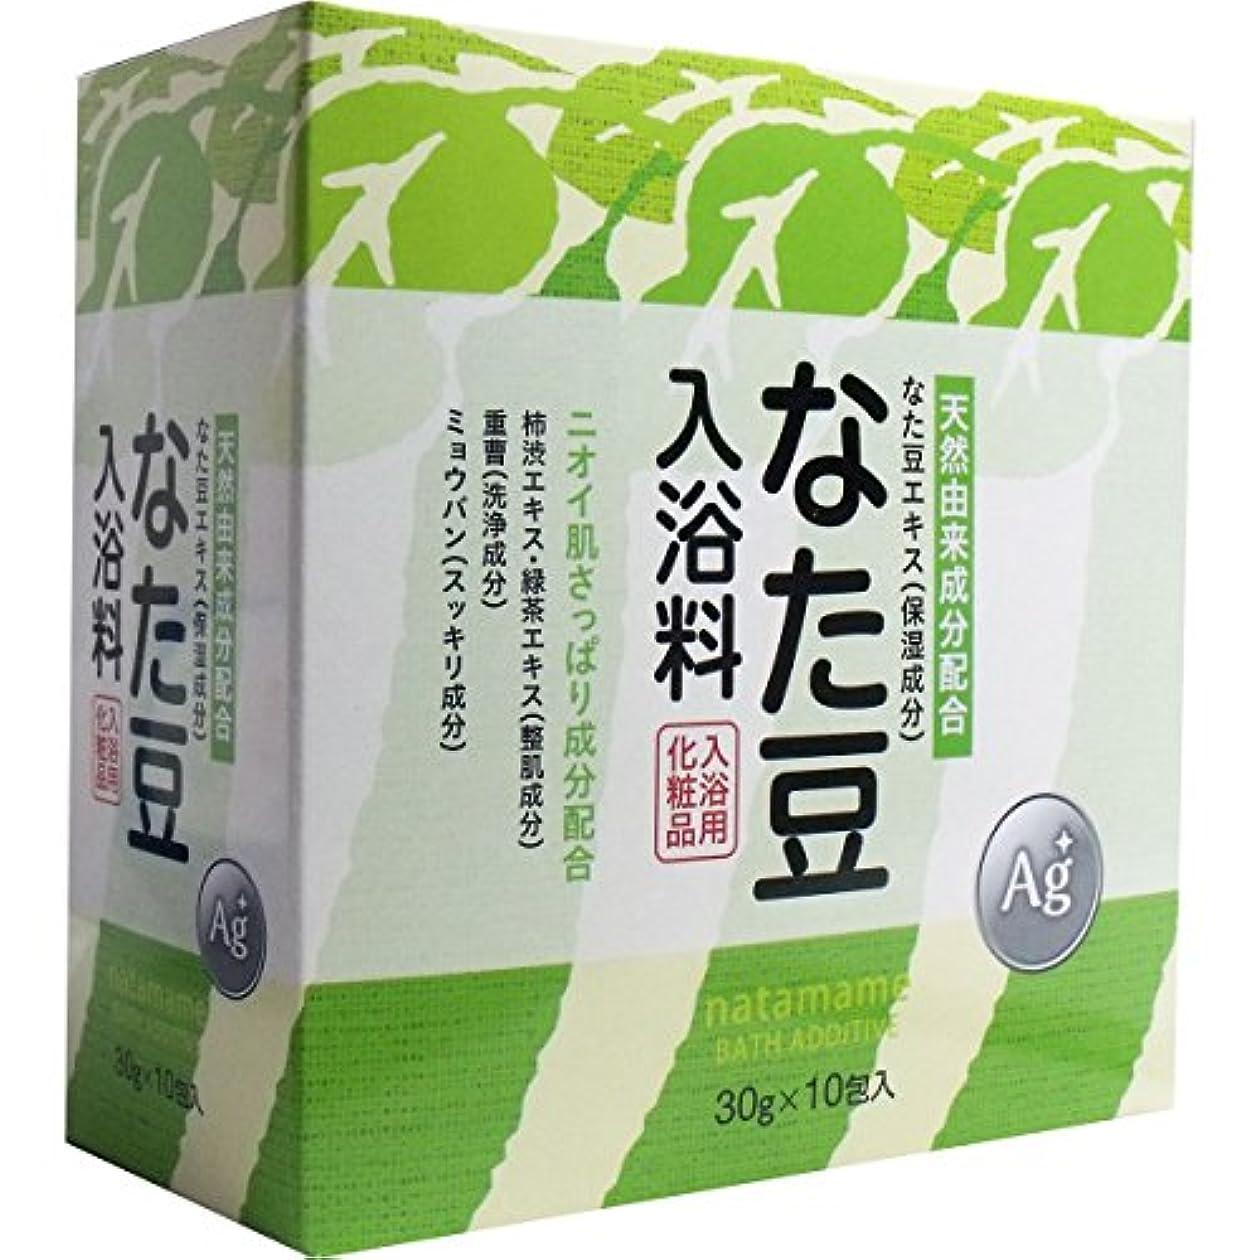 天然由来成分配合 なた豆入浴料 入浴用化粧品 30g×10包入